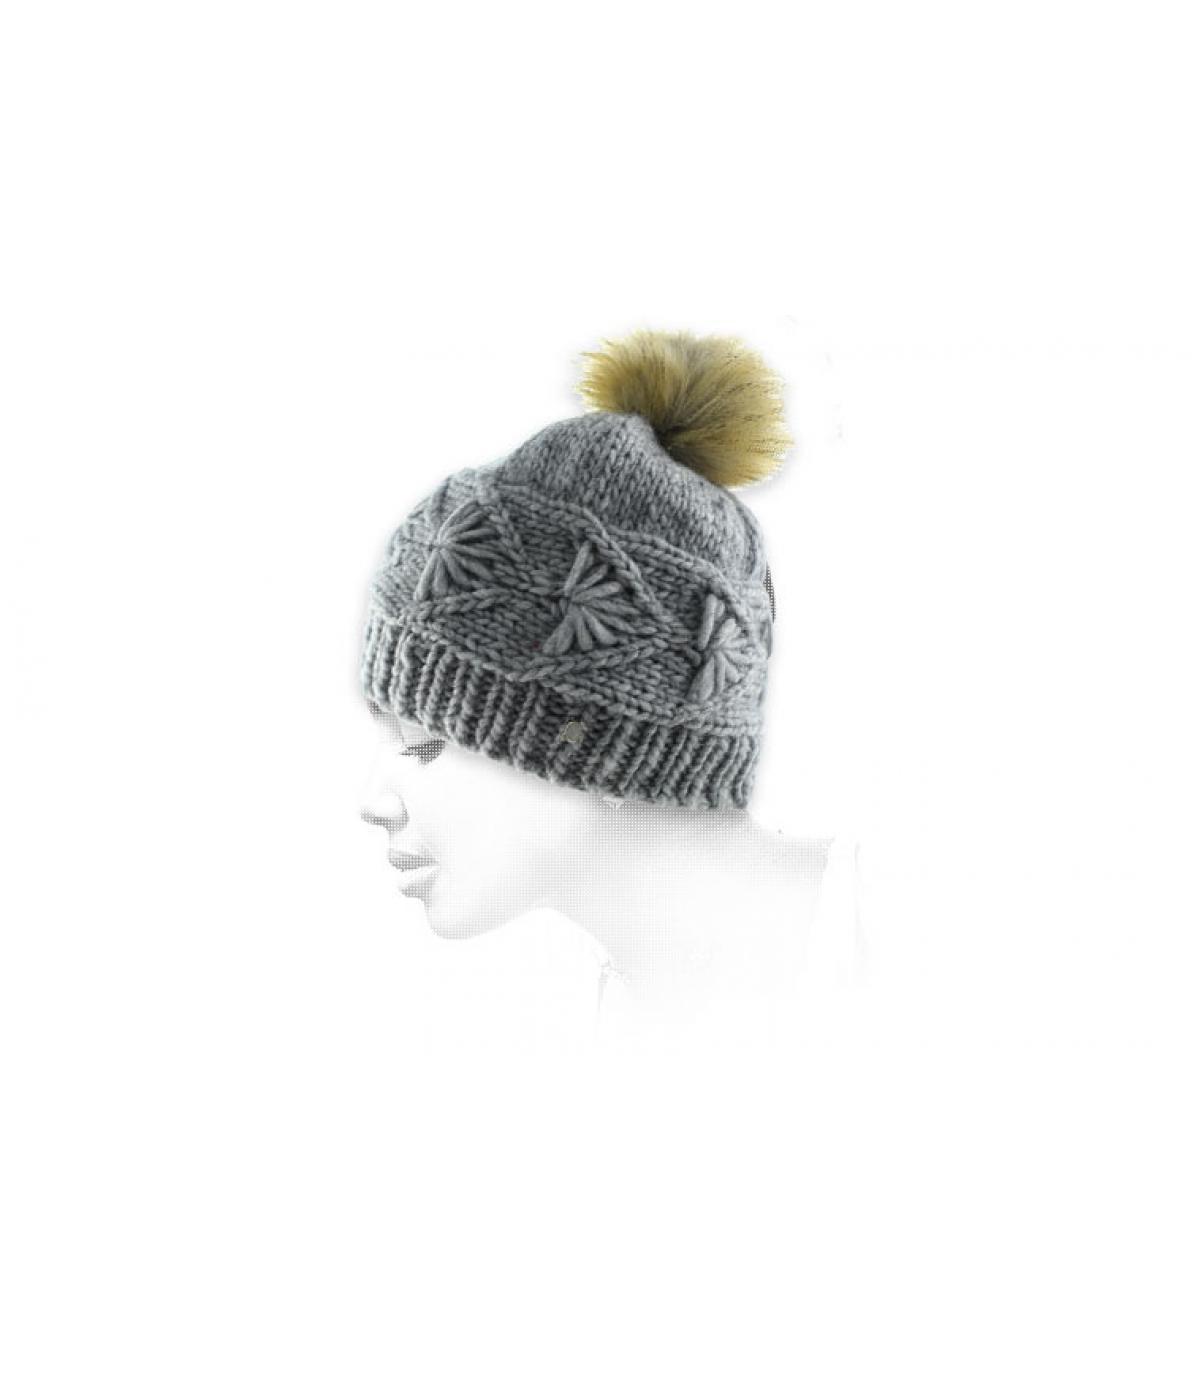 cappello grigio nappa torsione